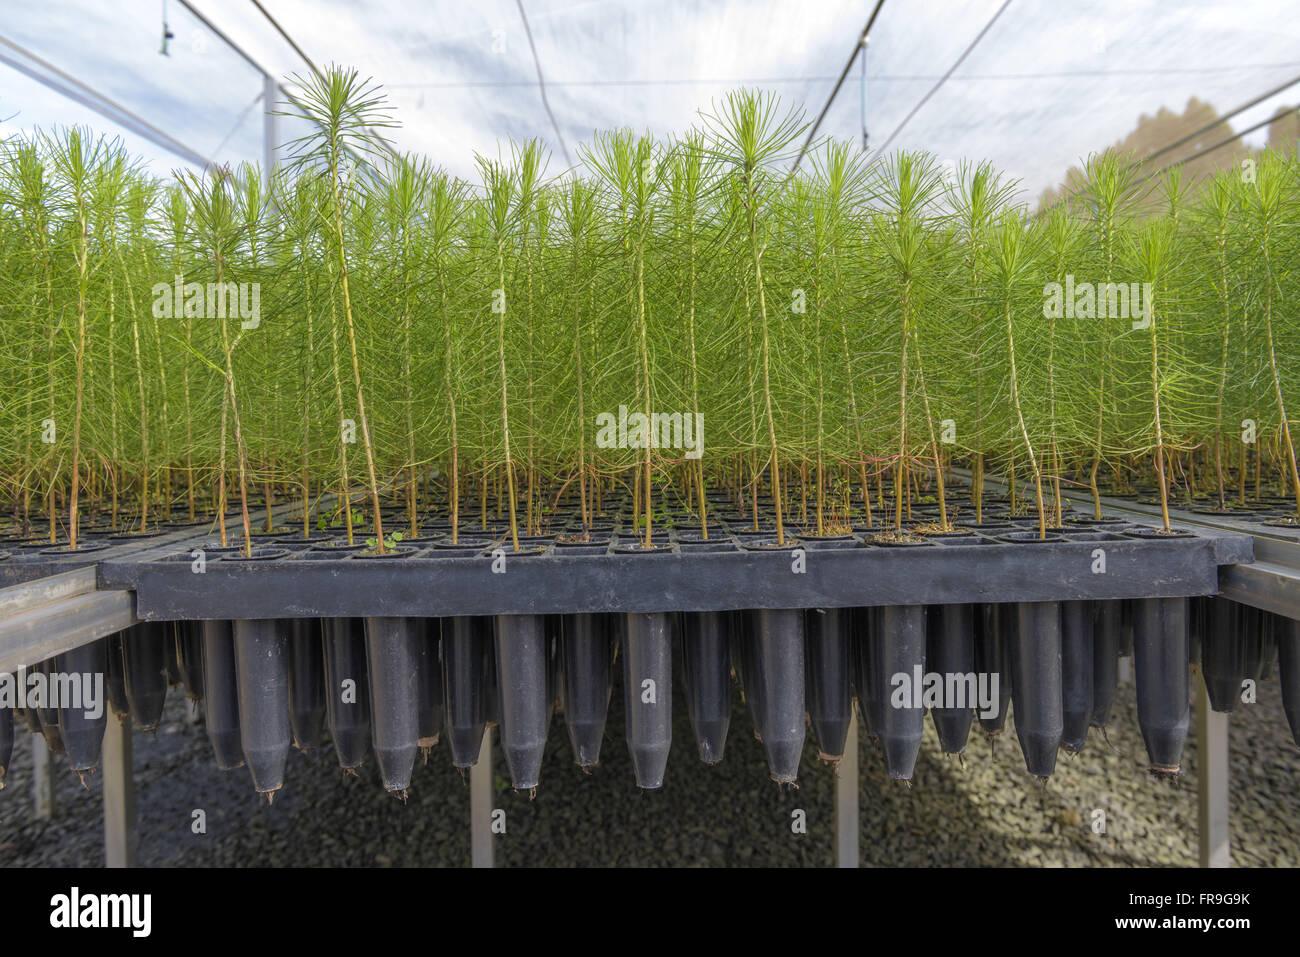 Detalhe dos tubetes em viveiro de mudas de pinus - Stock Image